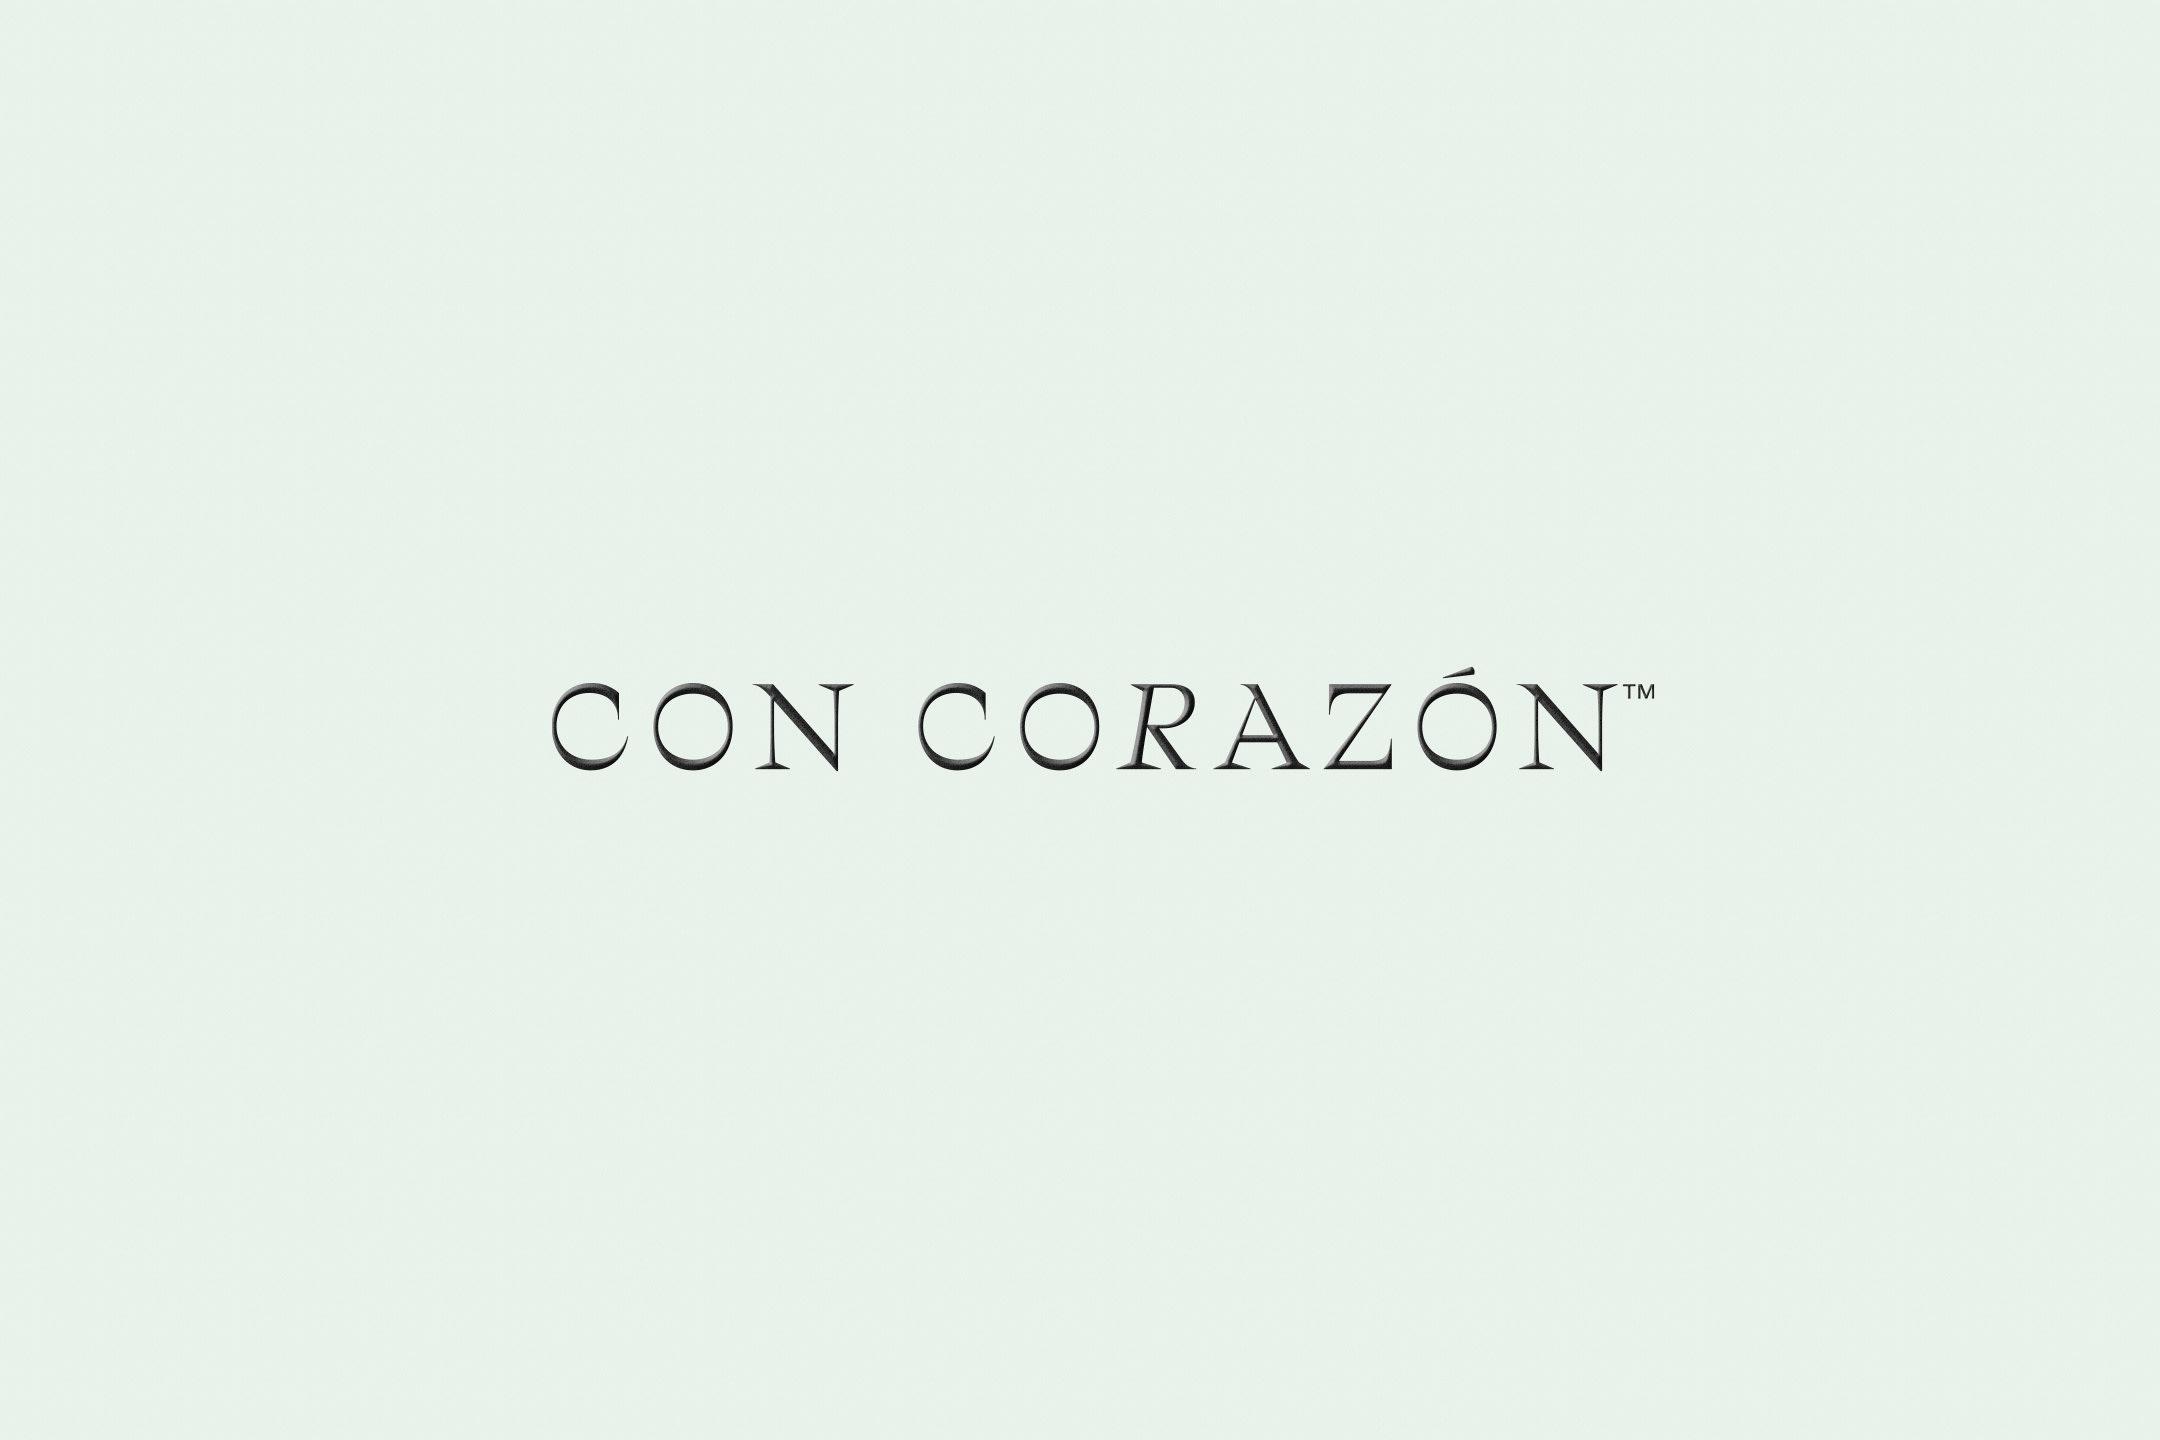 Banner design for Con Corazón